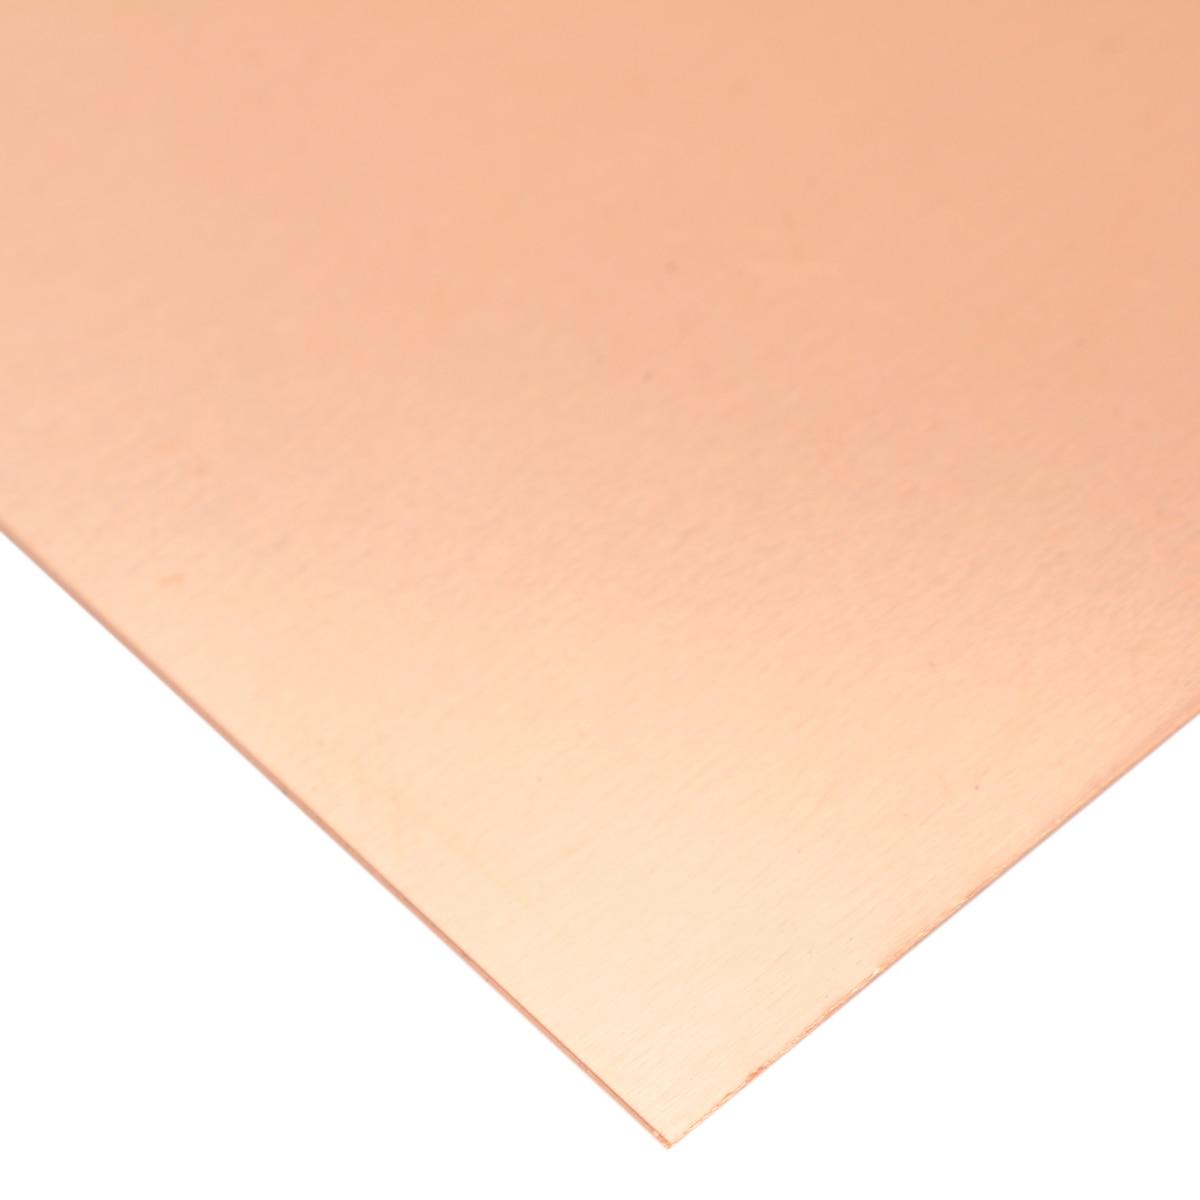 1pcs 99.9/% Pure Copper Cu Metal Sheet Foil Copper Plate 0.2*100*100mm